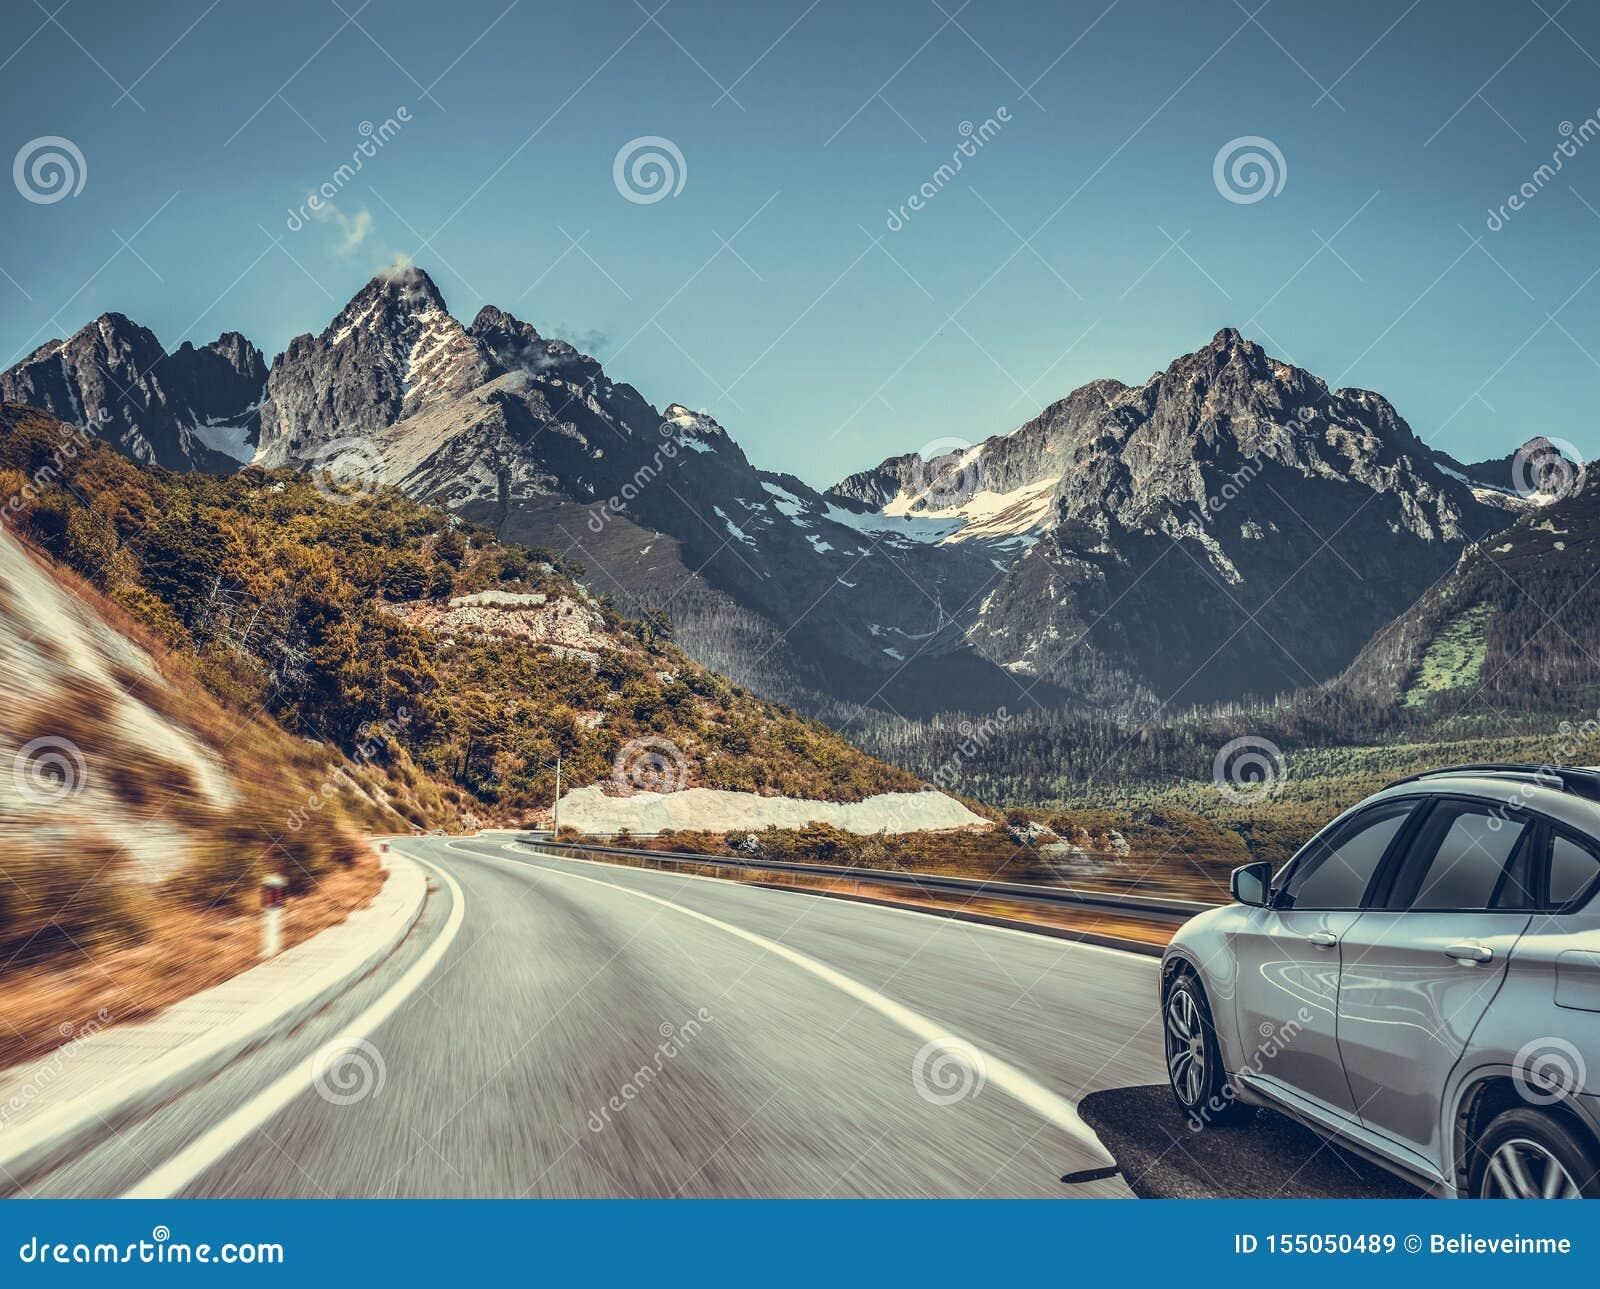 Autostrada wśród halnej scenerii Bia?y samoch?d na halnej drodze